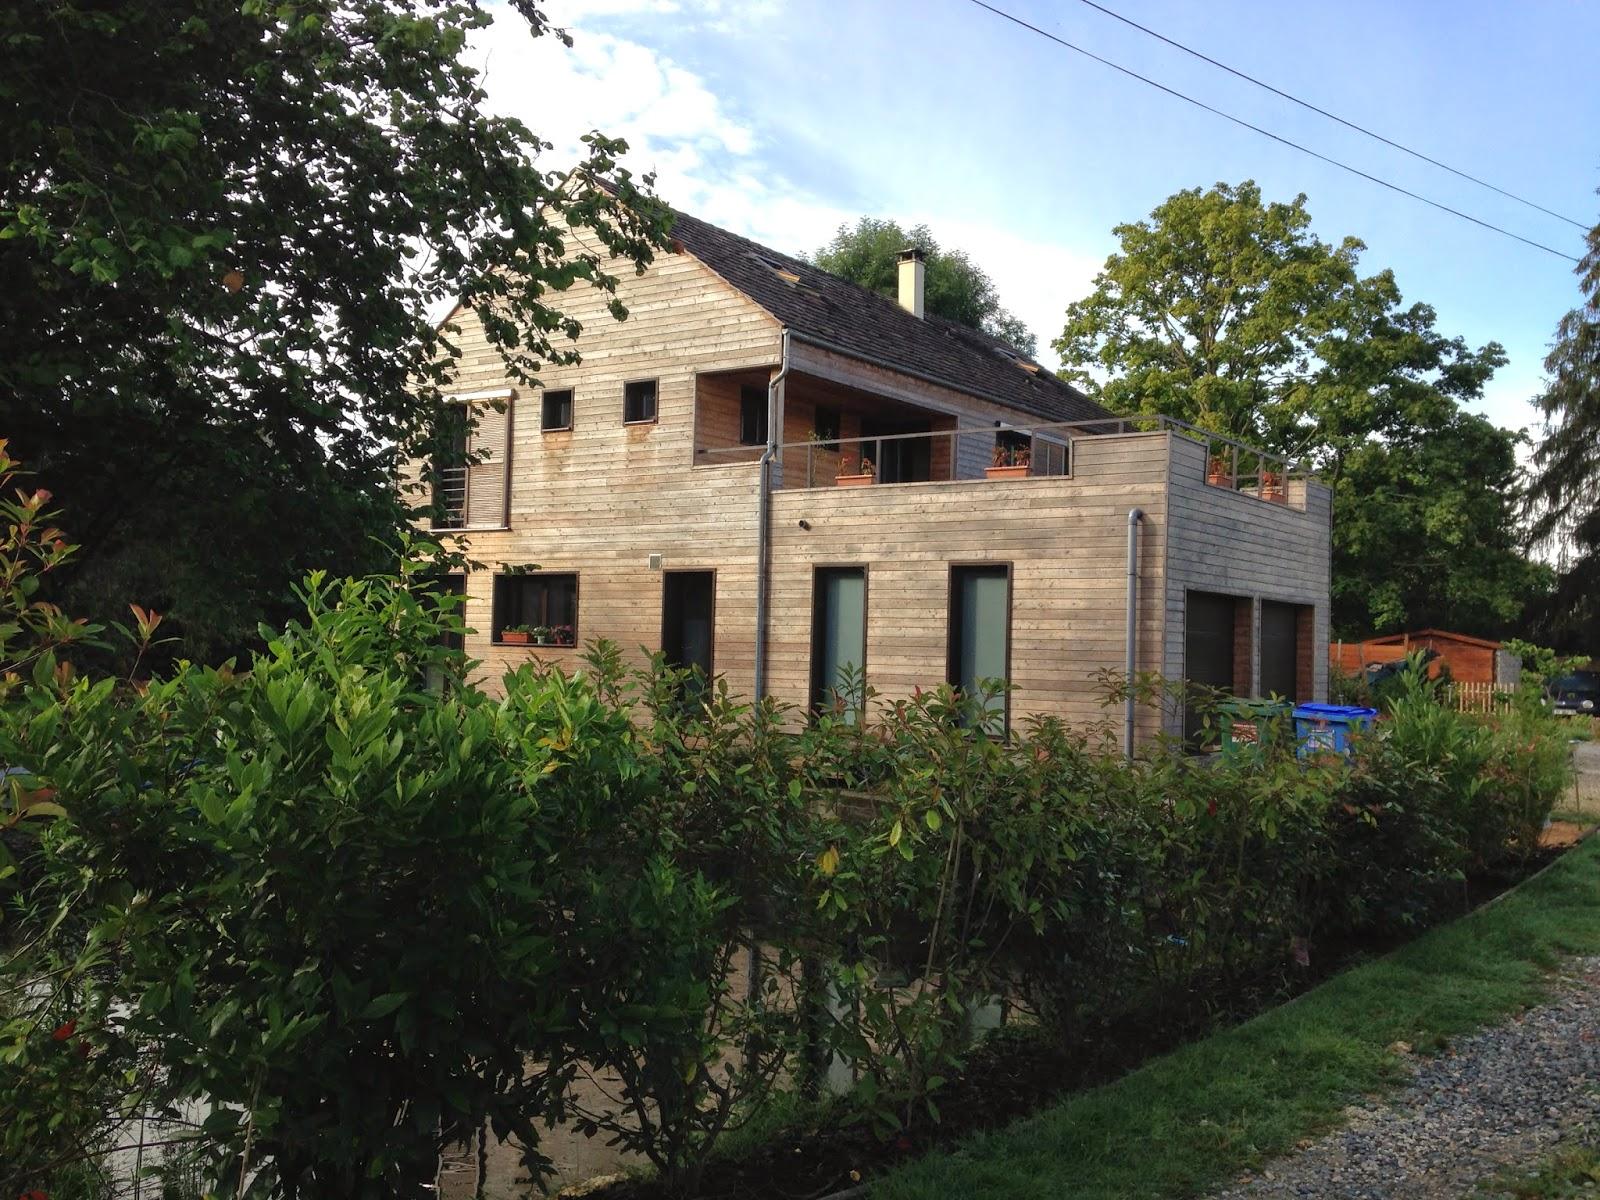 maison bois cernay en bardage red cedar architecte maison bois paris alsace. Black Bedroom Furniture Sets. Home Design Ideas